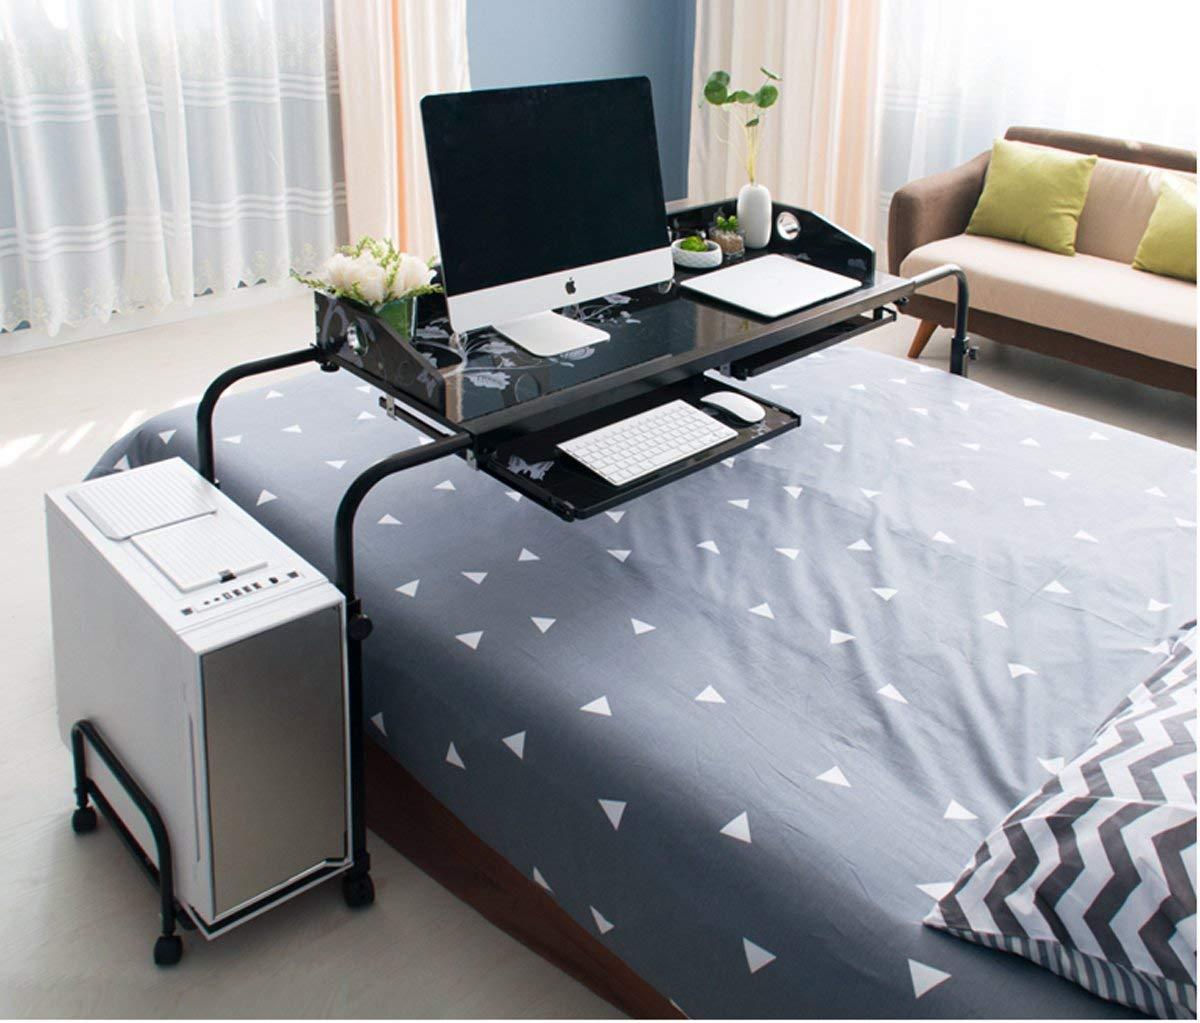 Scrivania//tavolo da letto movibile e regolabile Ybaymy mobile per computer da 1,2/m stazione di lavoro per casa // ufficio con ruote